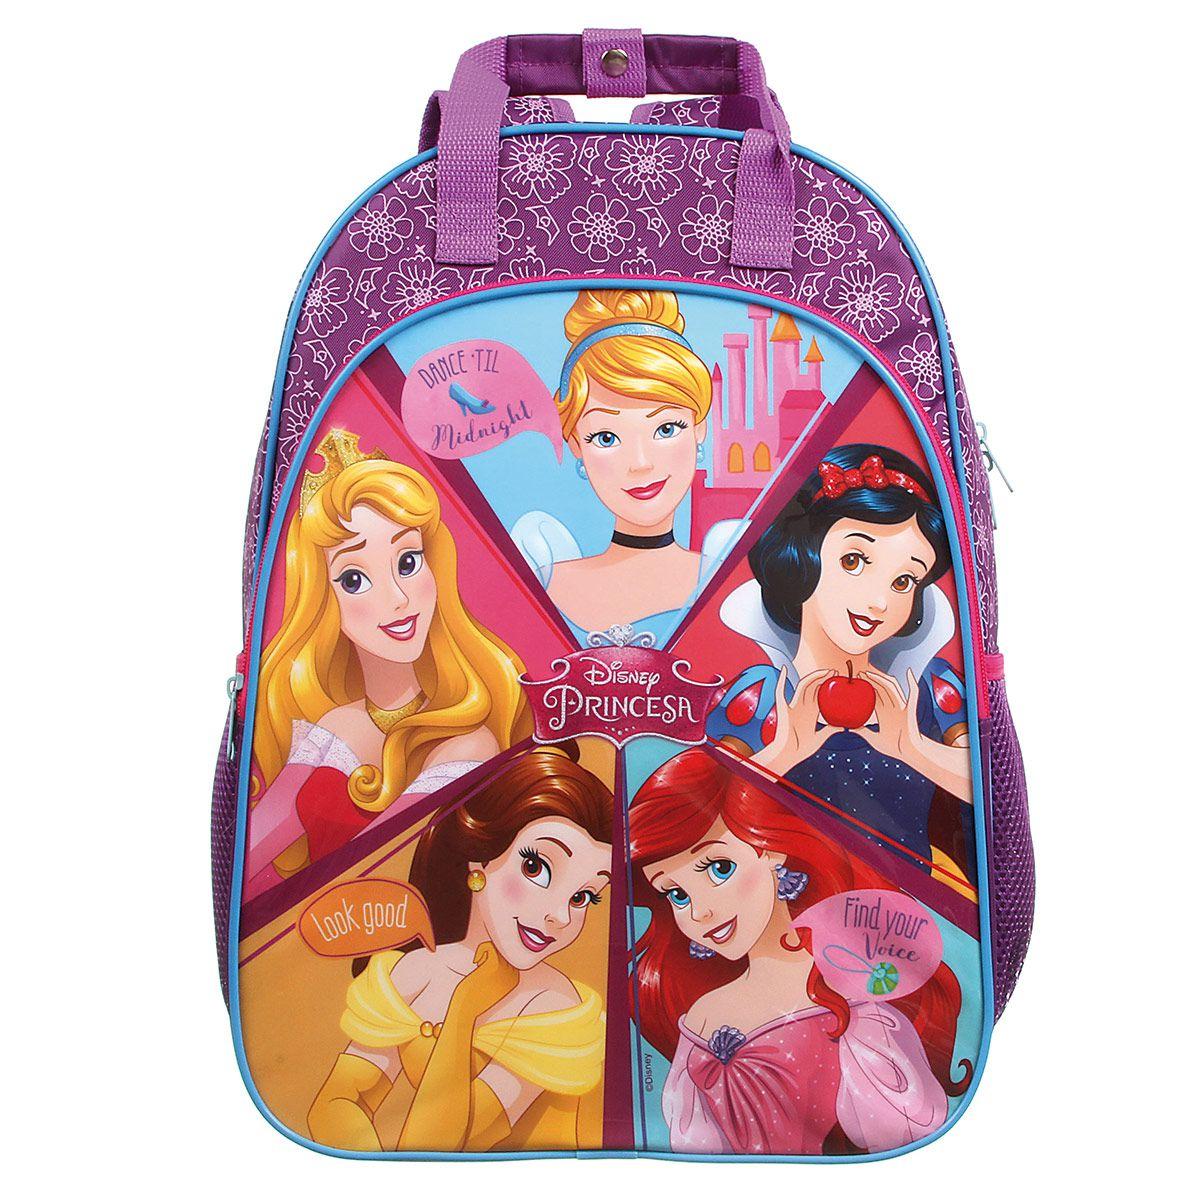 Mochila Escolar Tamanho G 5 Princesas Oficial Disney